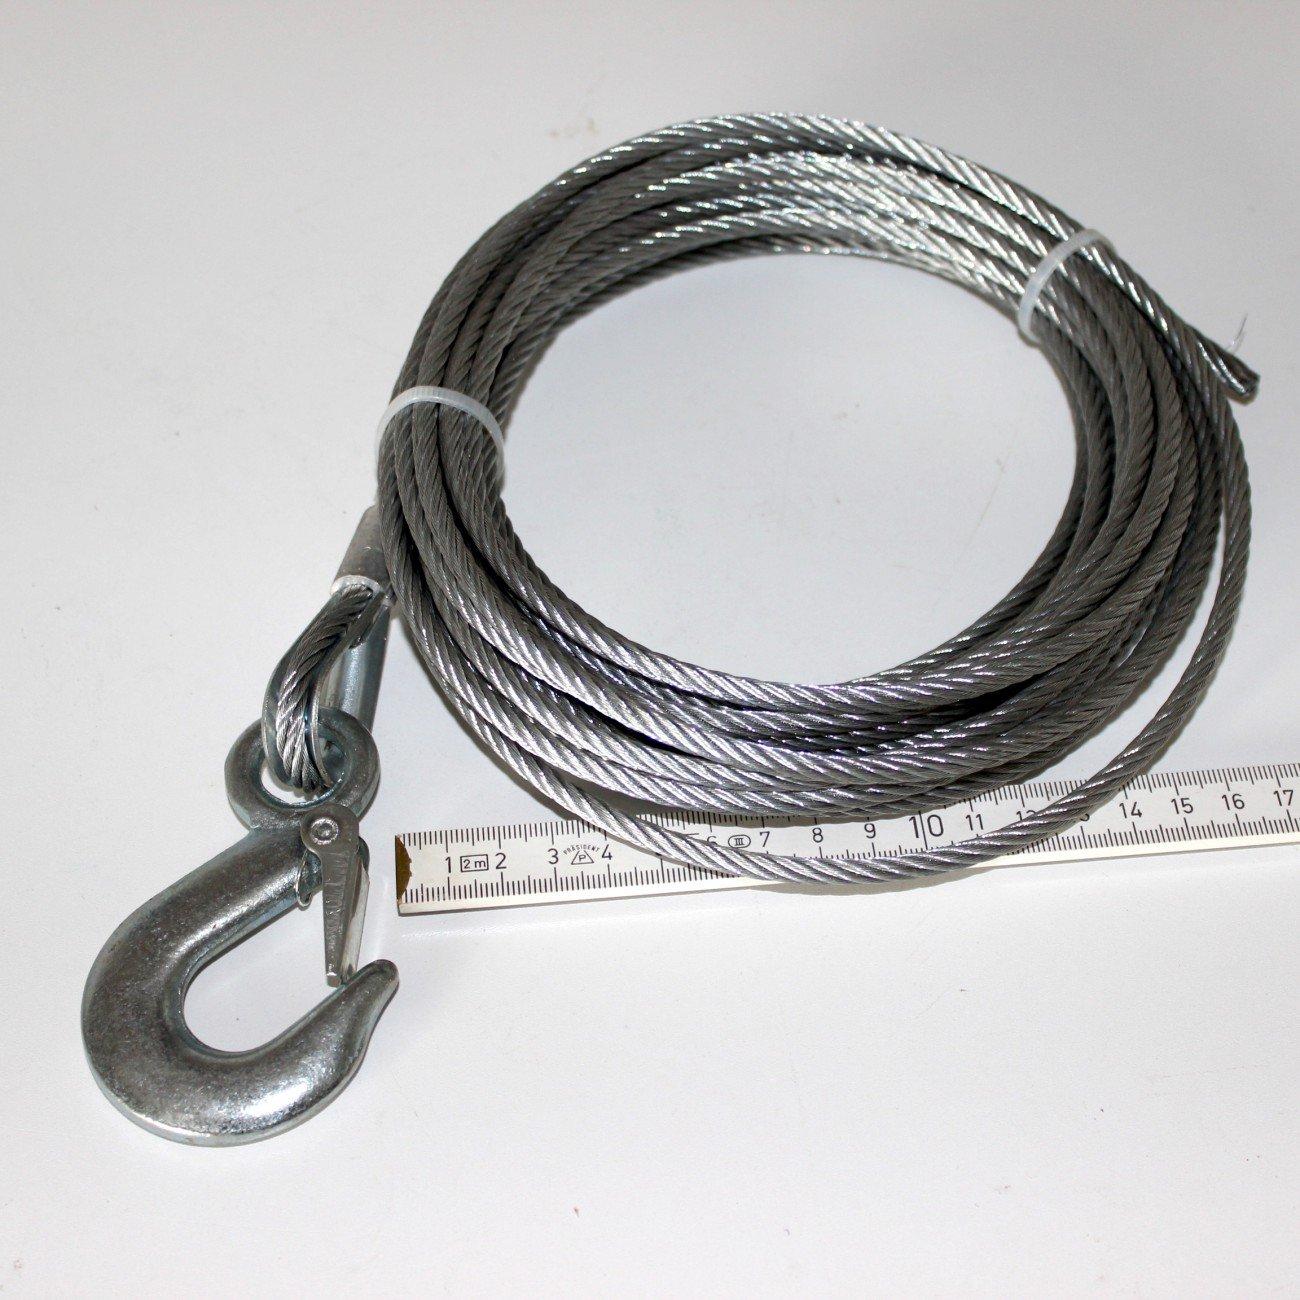 Drahtseil verzinkt 5 mm Länge 10 Meter lang Stahlseil Zugseil für ...